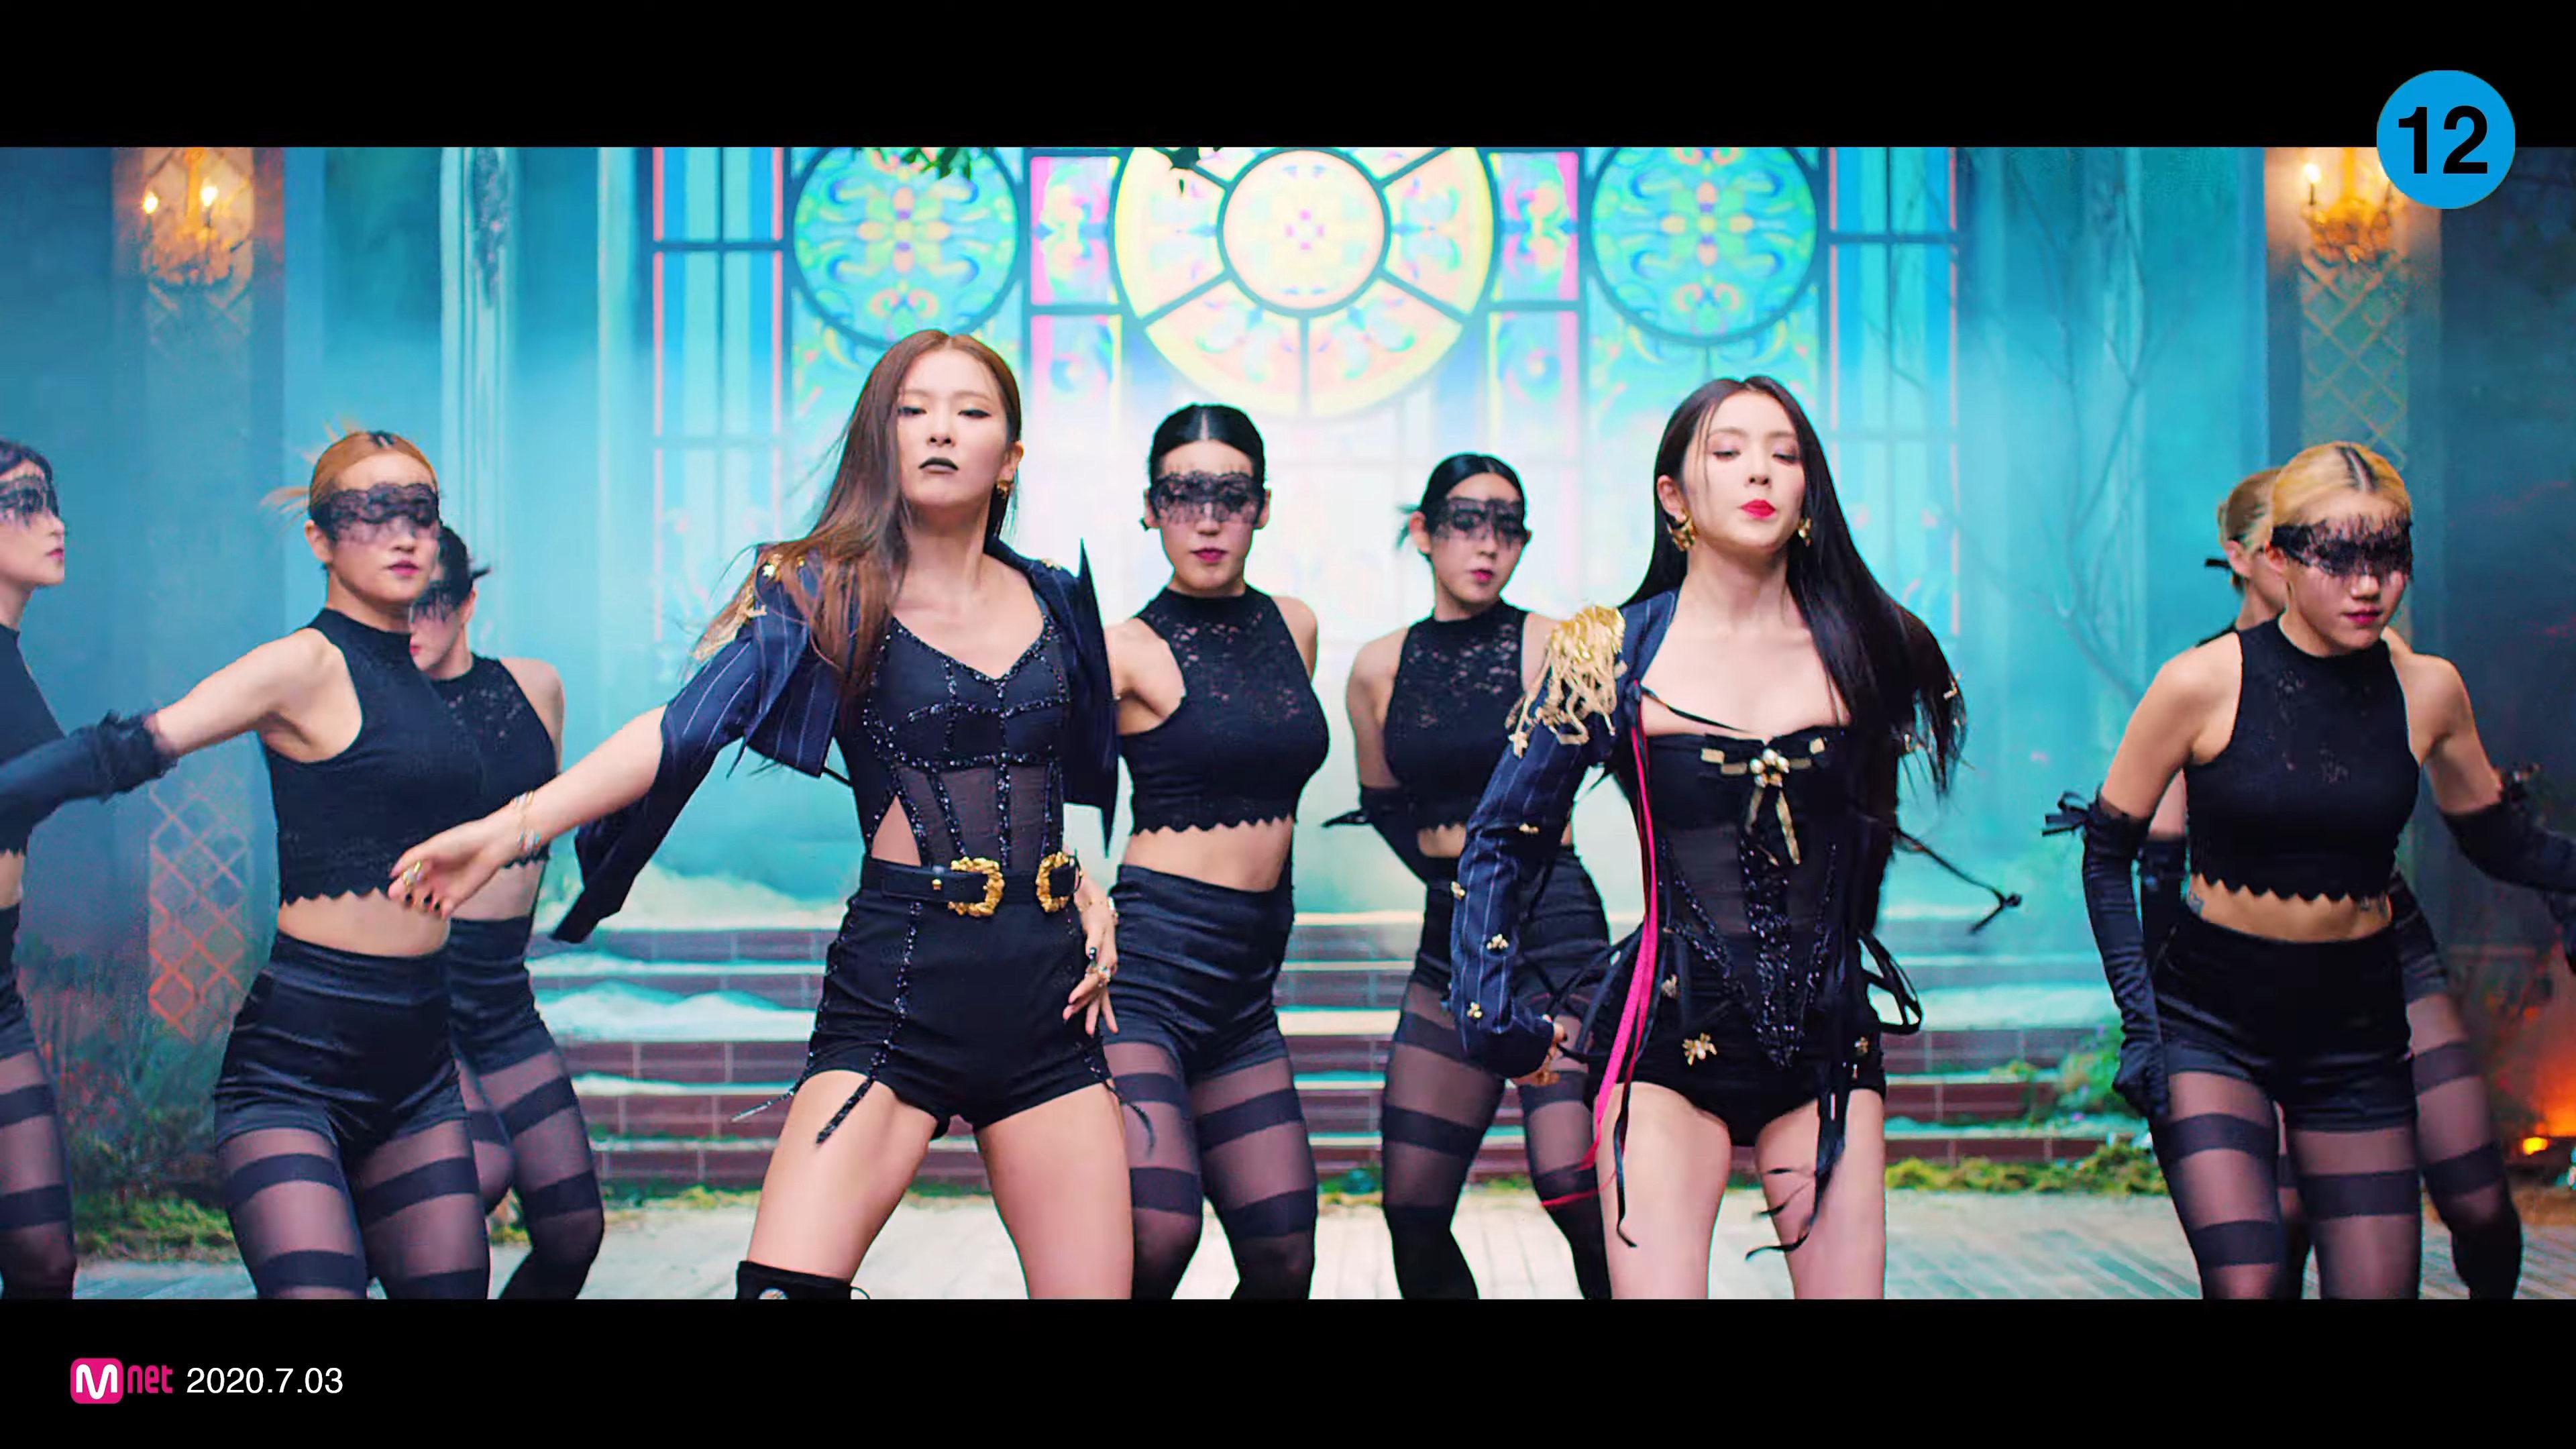 Red Velvet – IRENE & SEULGI Monster Teaser Photos 5 + Monster MV Teaser Screencaps (HD/HQ)